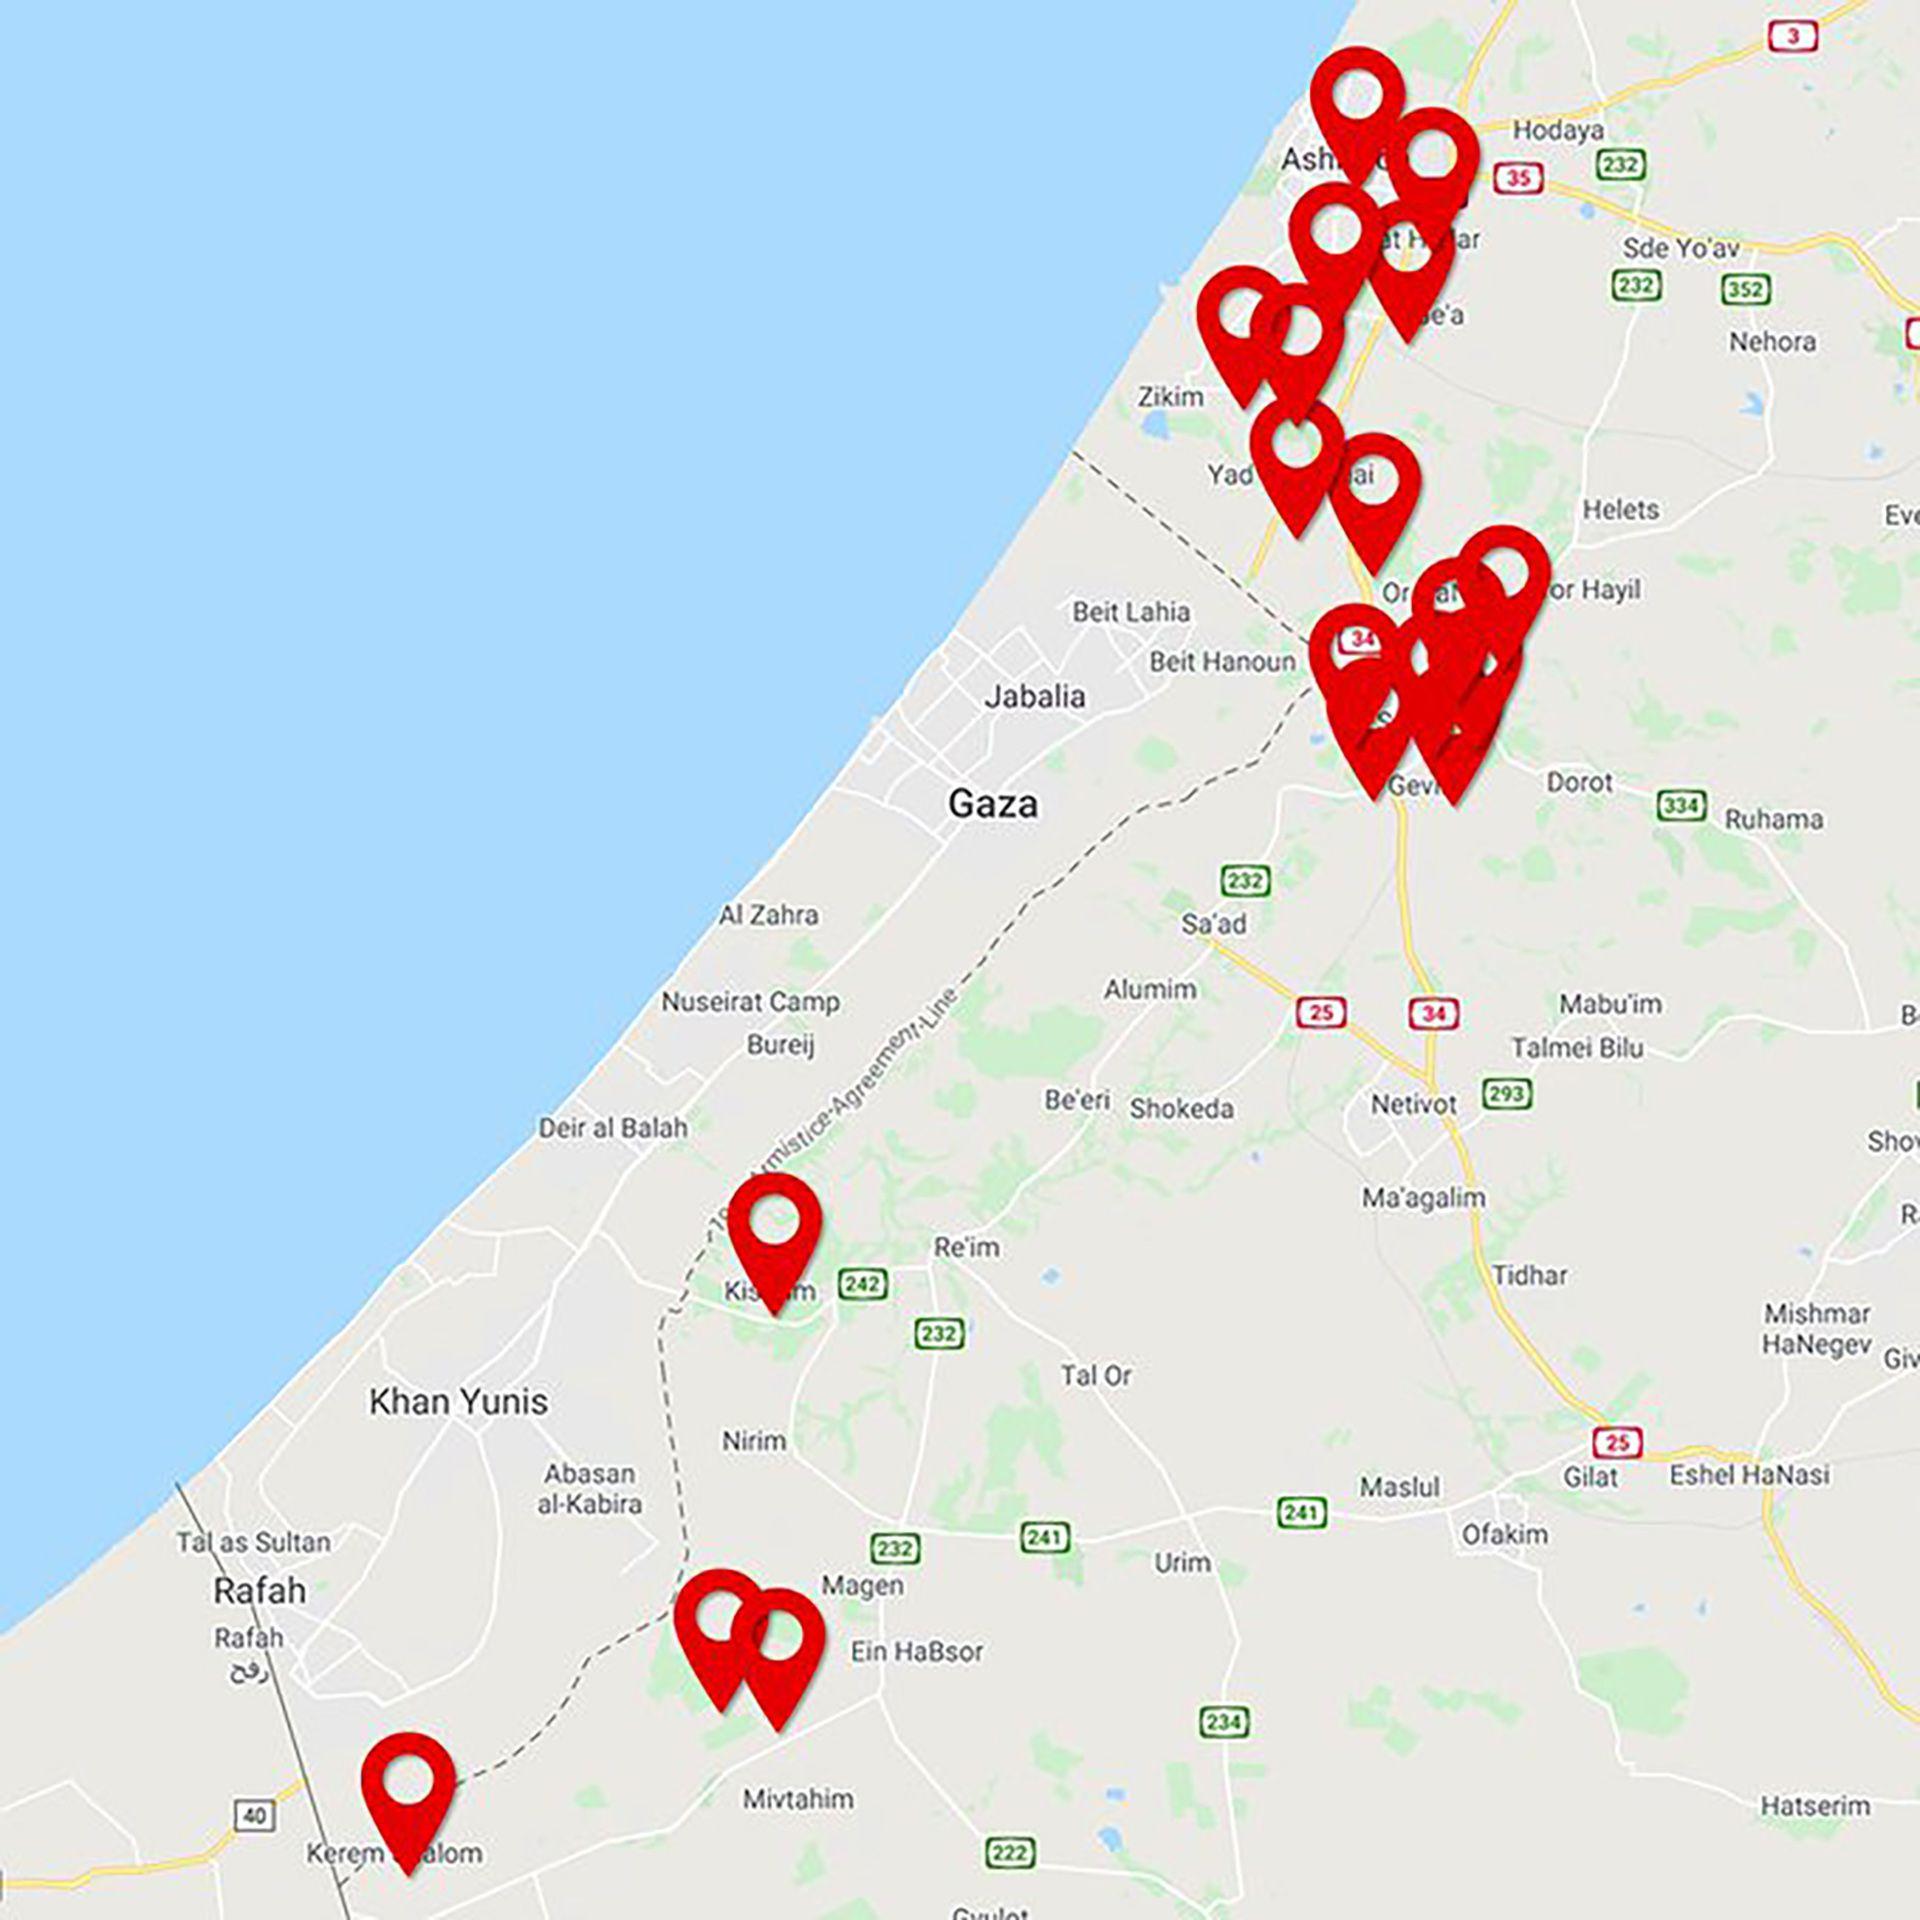 El Ejército de Israel mostró las ubicaciones donde fueron lanzados los cohetes